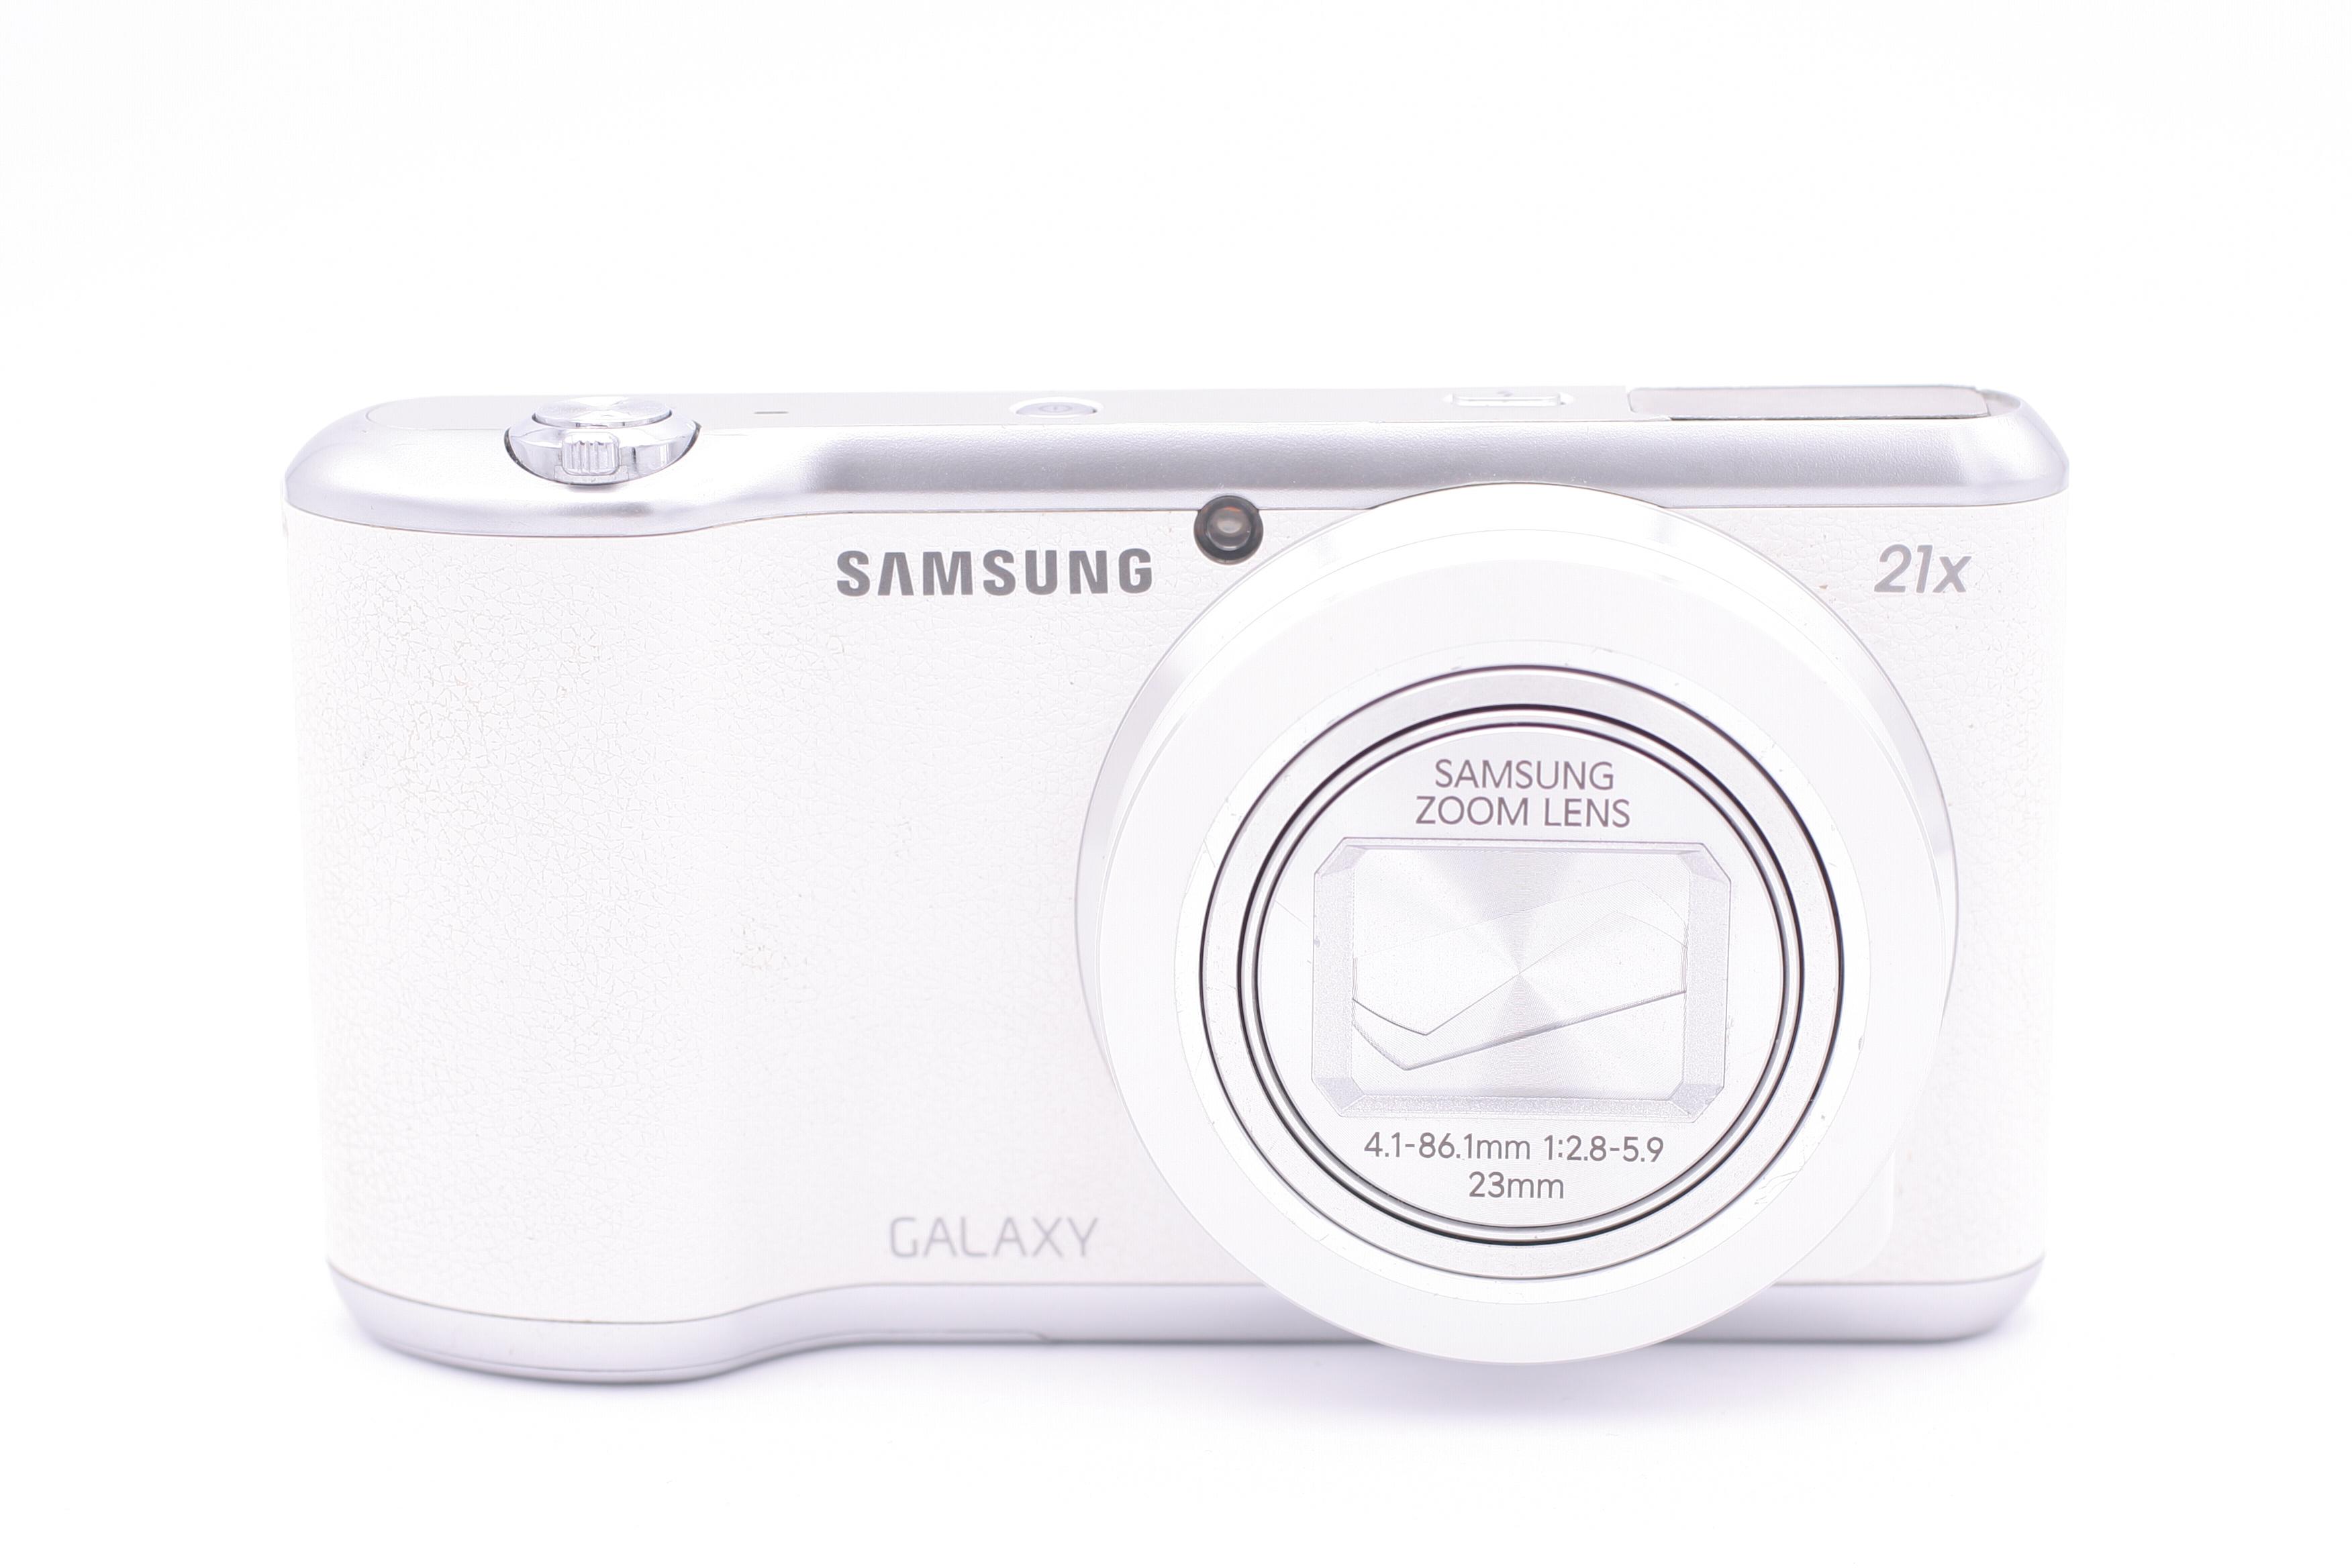 Samsung Galaxy Camera 2 Ek Gc200 16 3mp Digital Camera